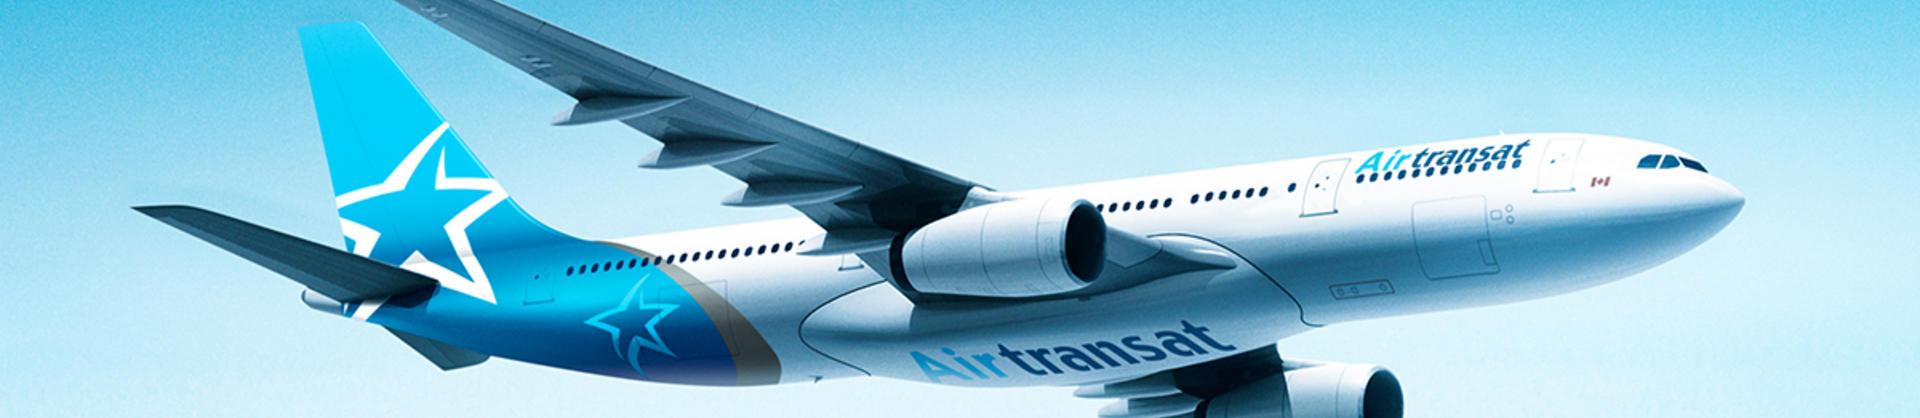 Air Transat Aircraft